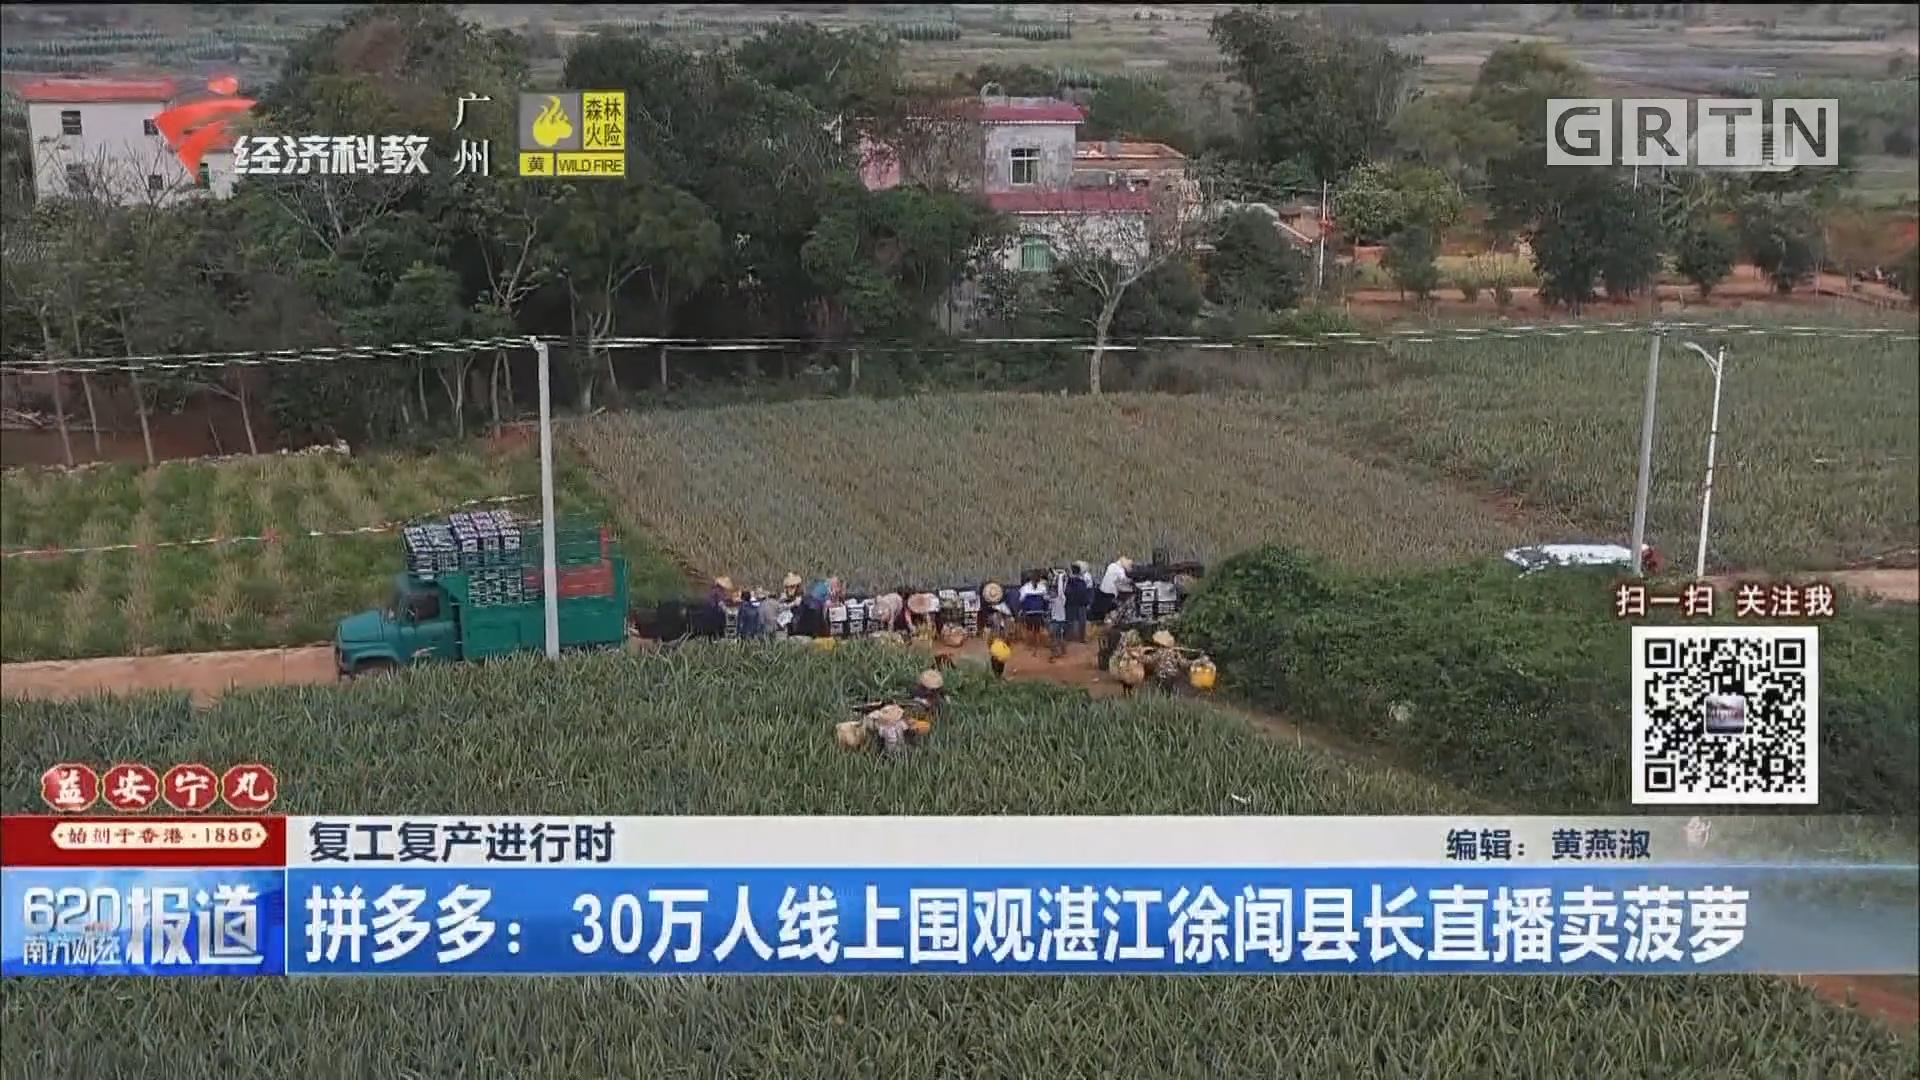 复工复产进行时 拼多多:30万人线上围观湛江徐闻县长直播卖菠萝